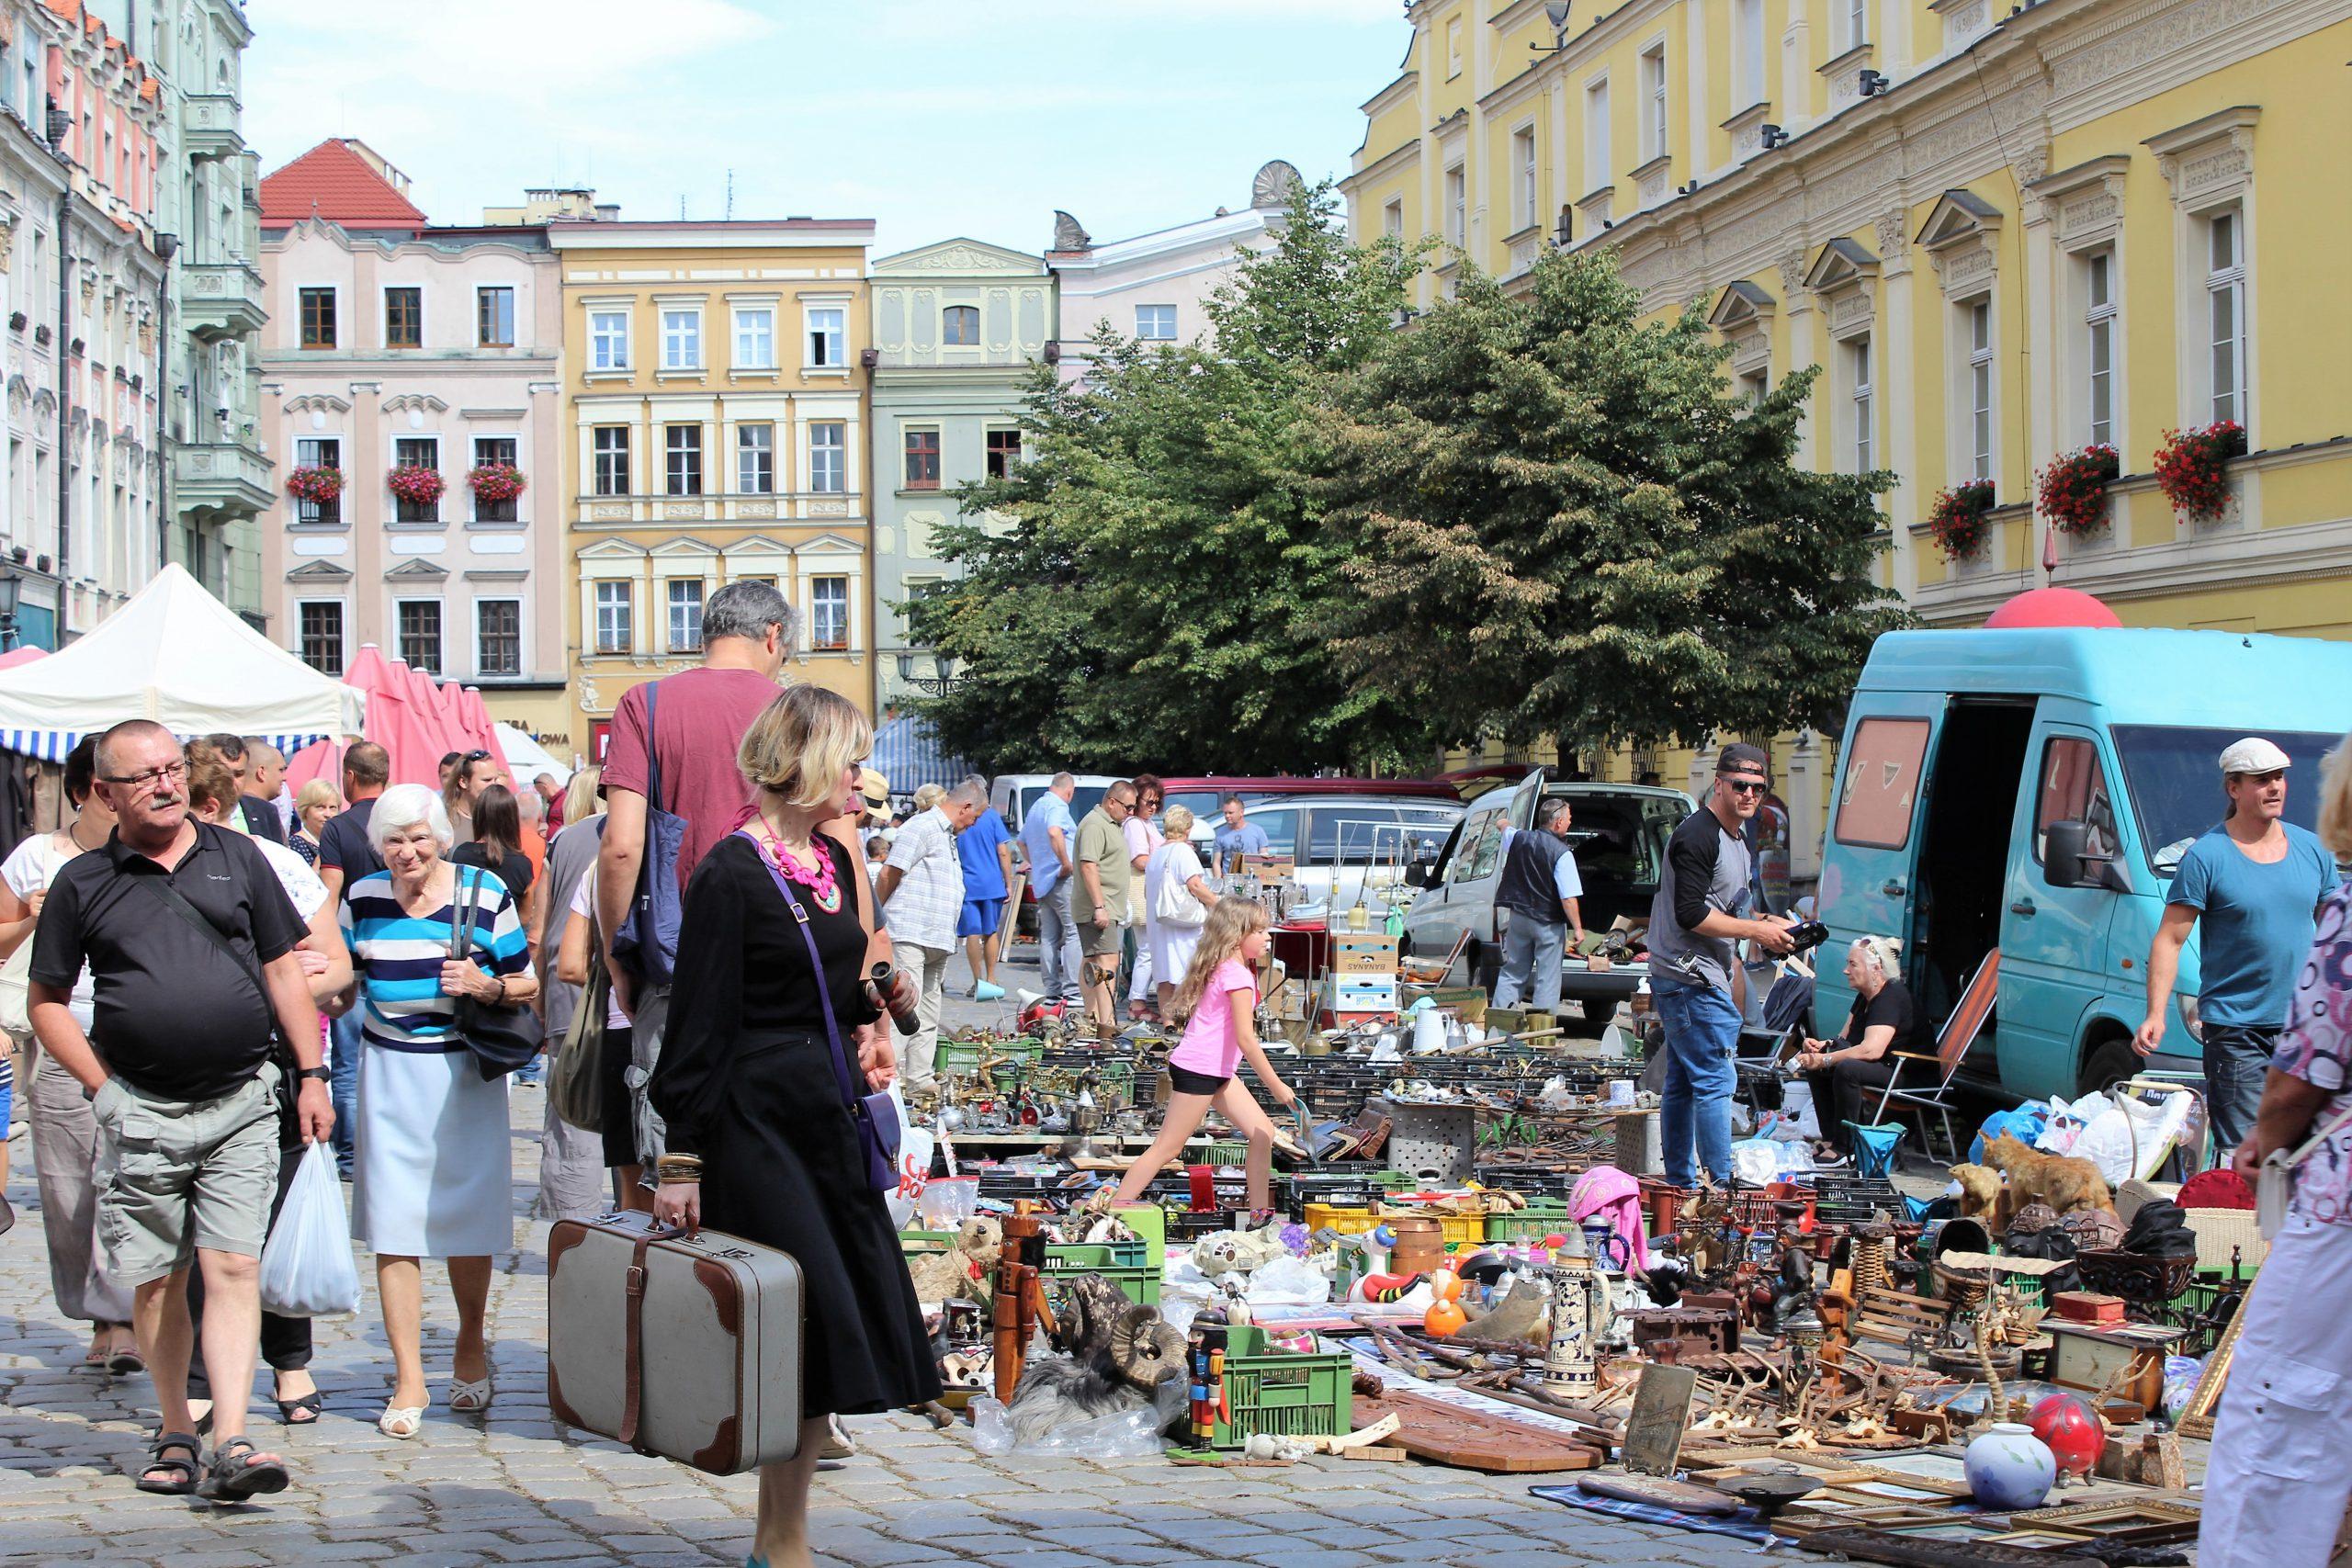 Giełda staroci na świdnickim rynku w słoneczny dzień